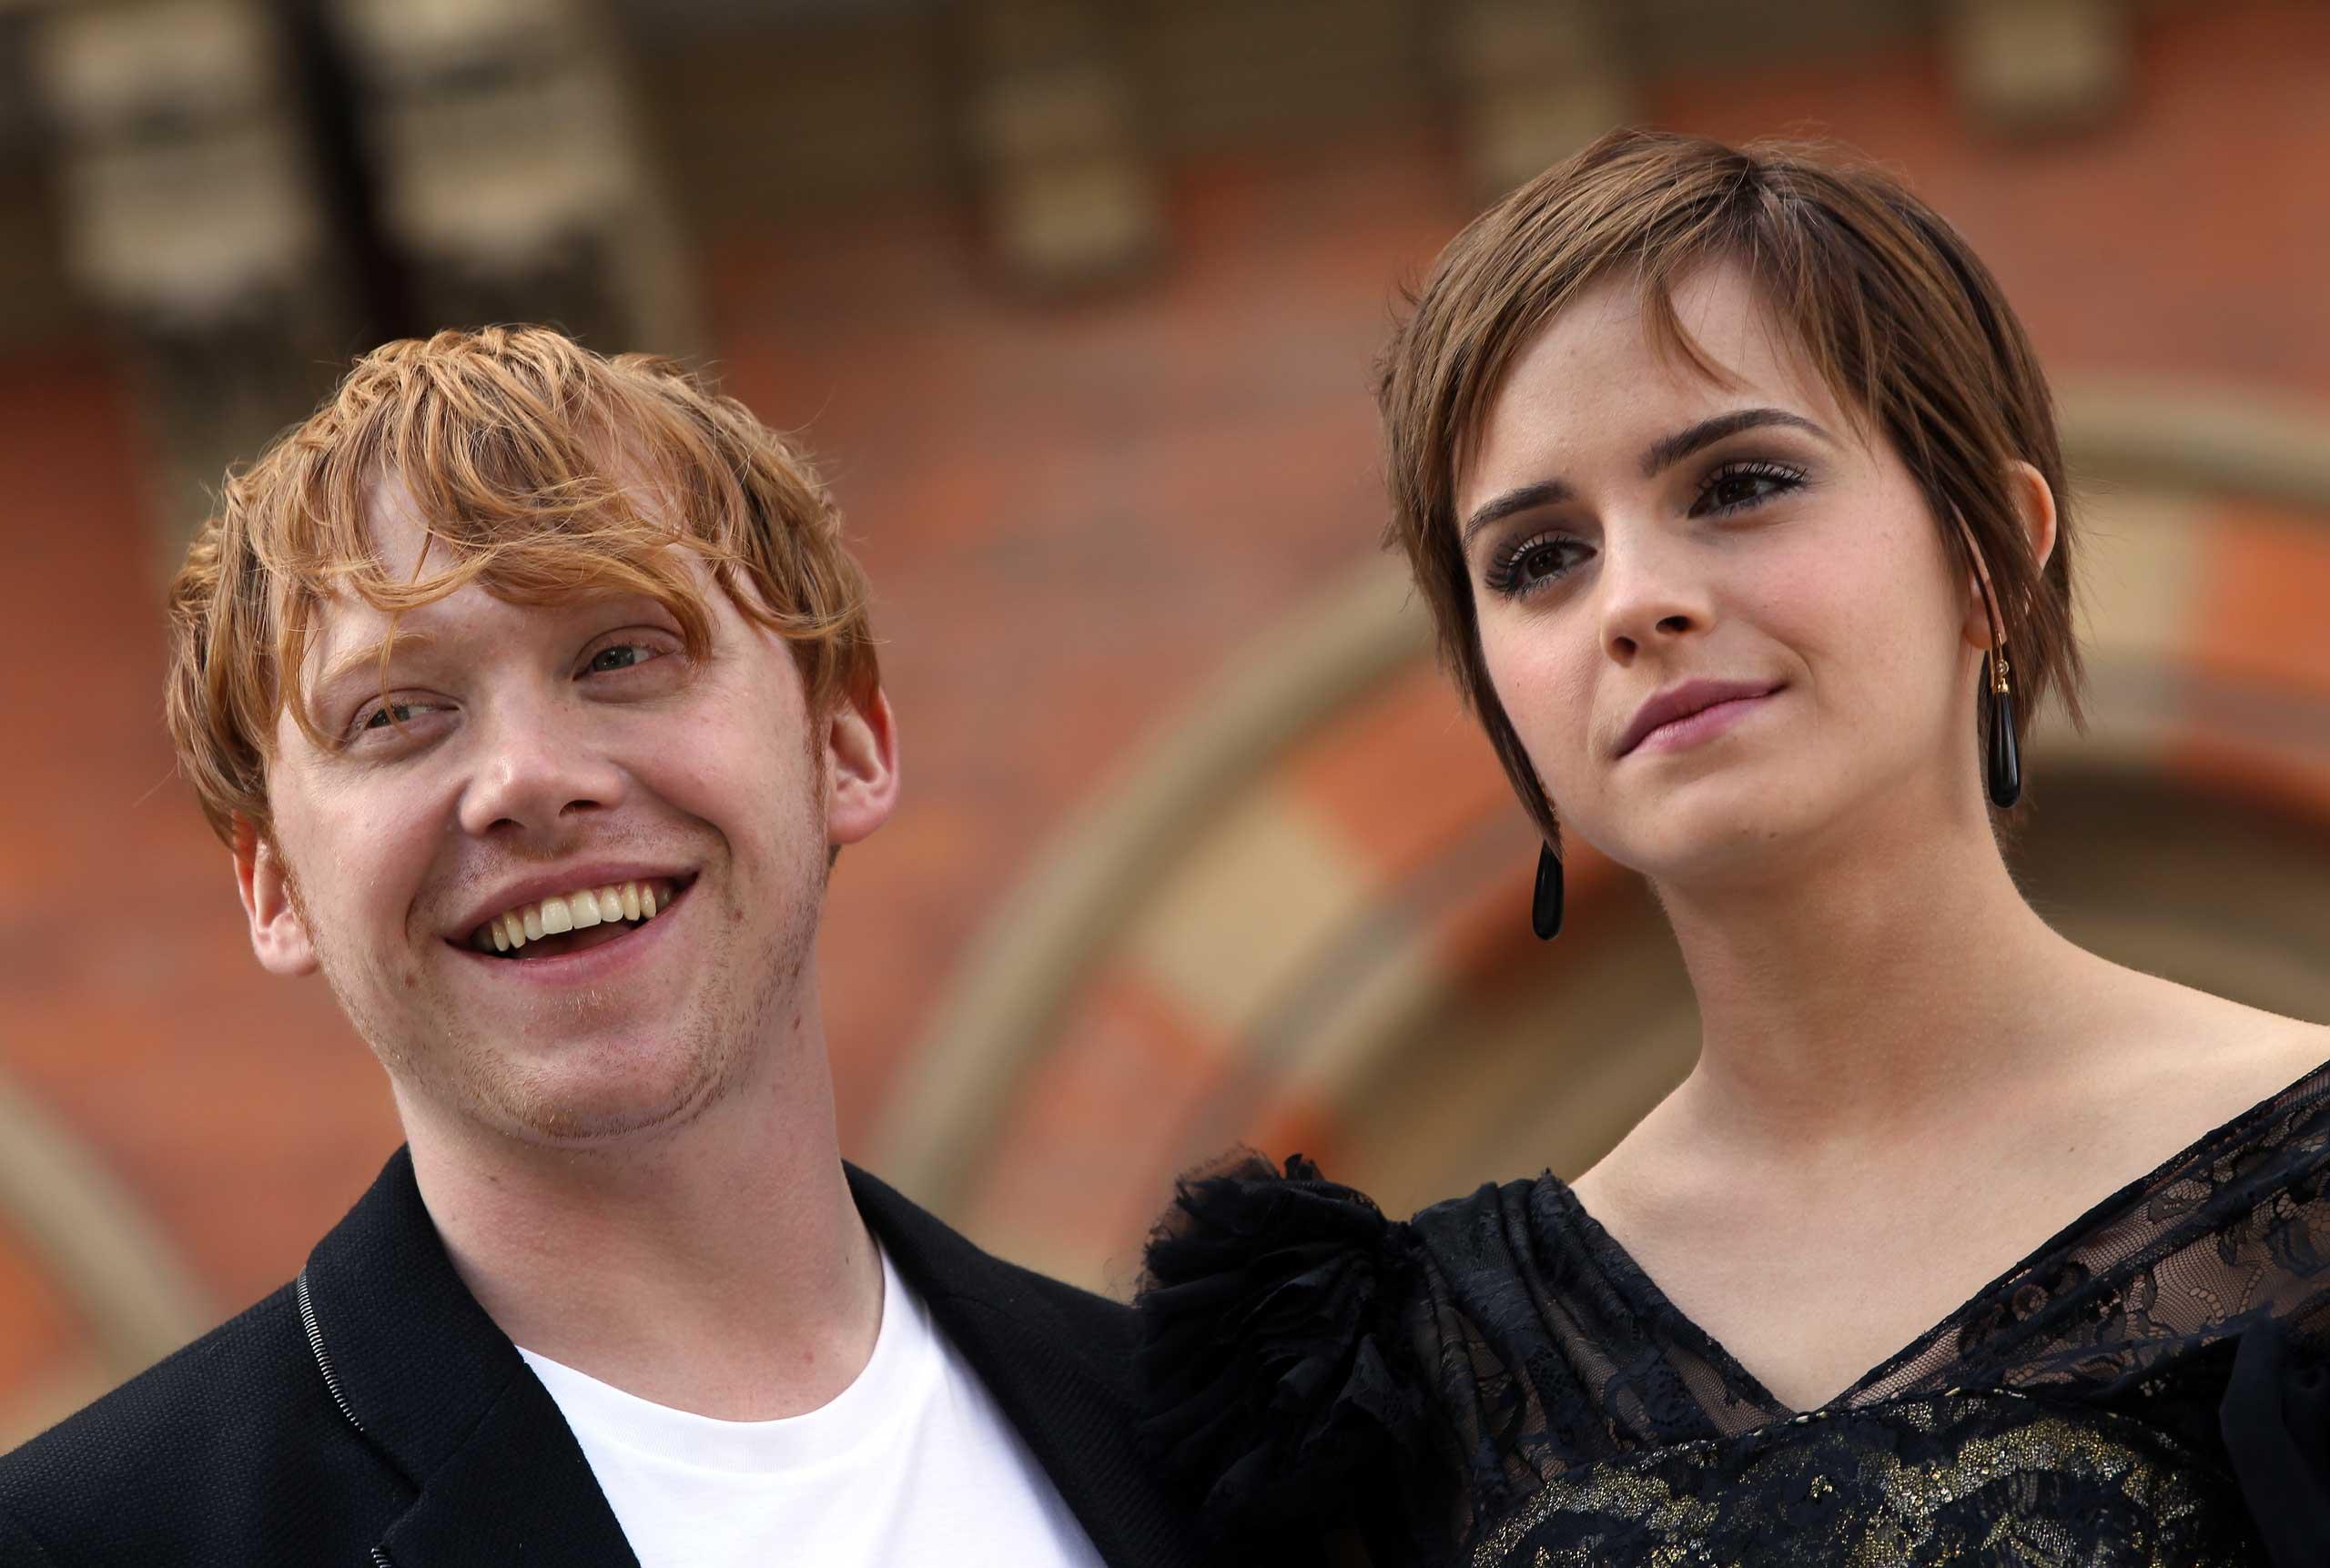 Rupert Grint and Emma Watson